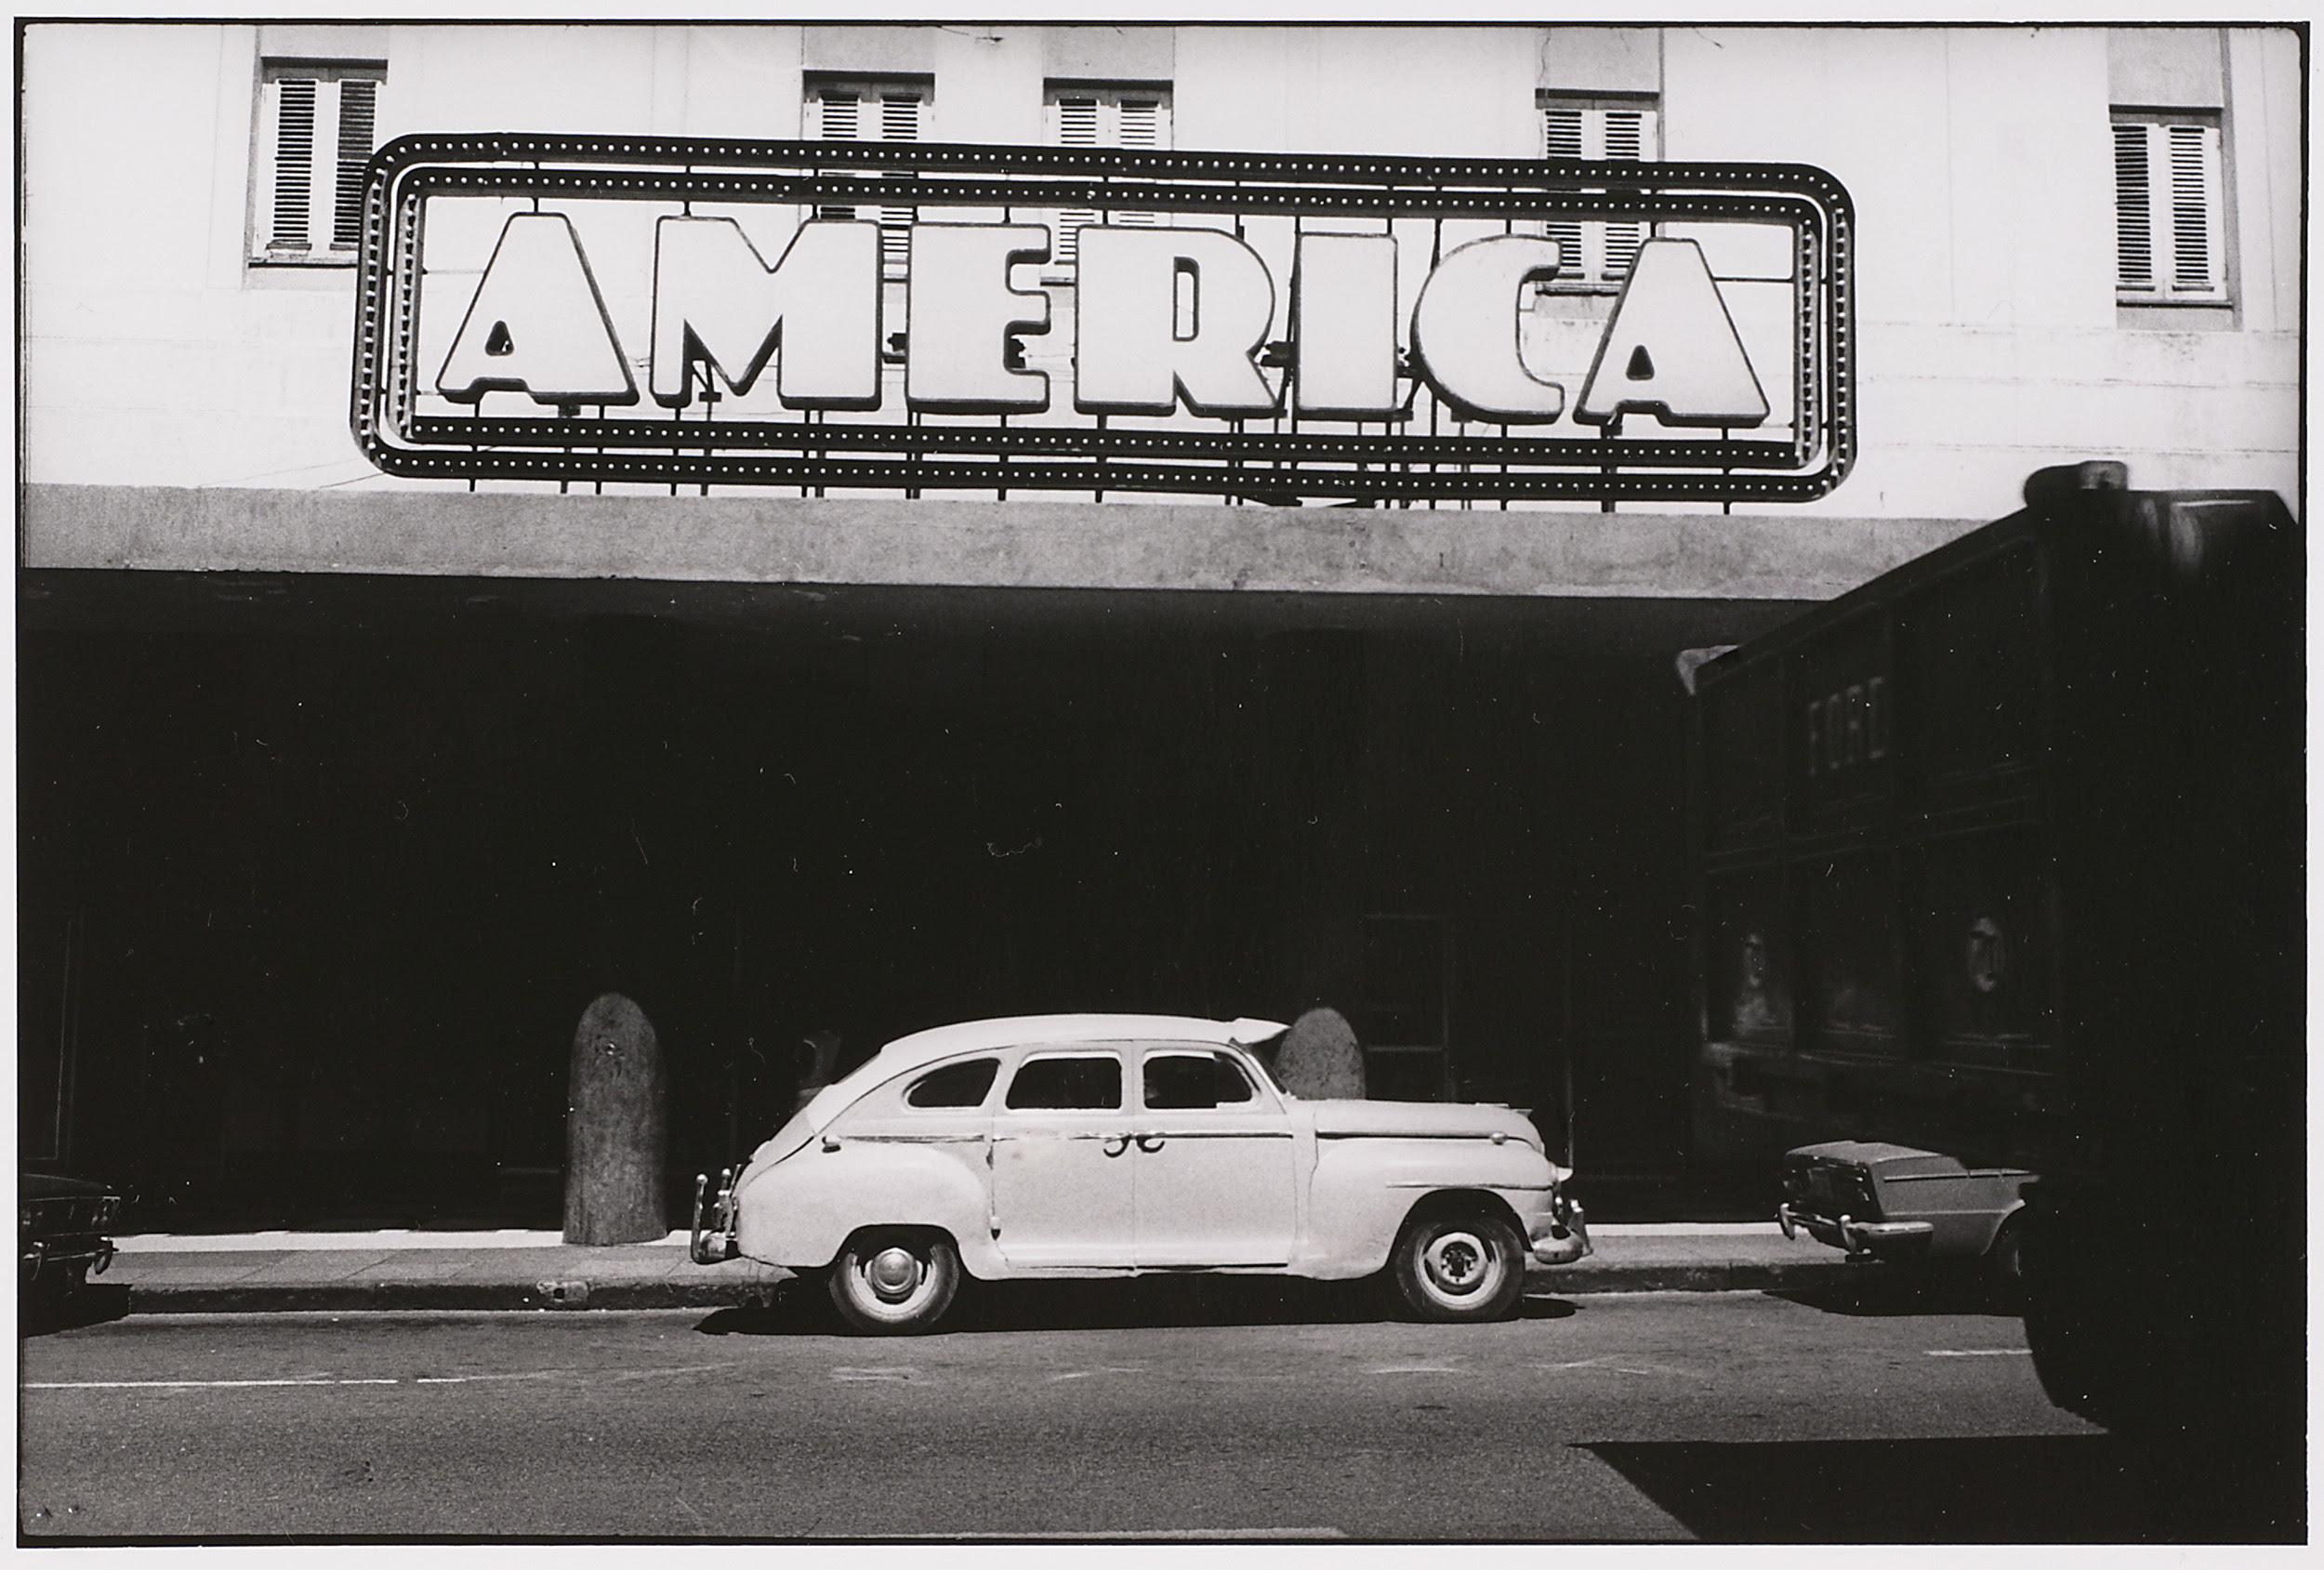 La Habana by Gilda Perez (1988)